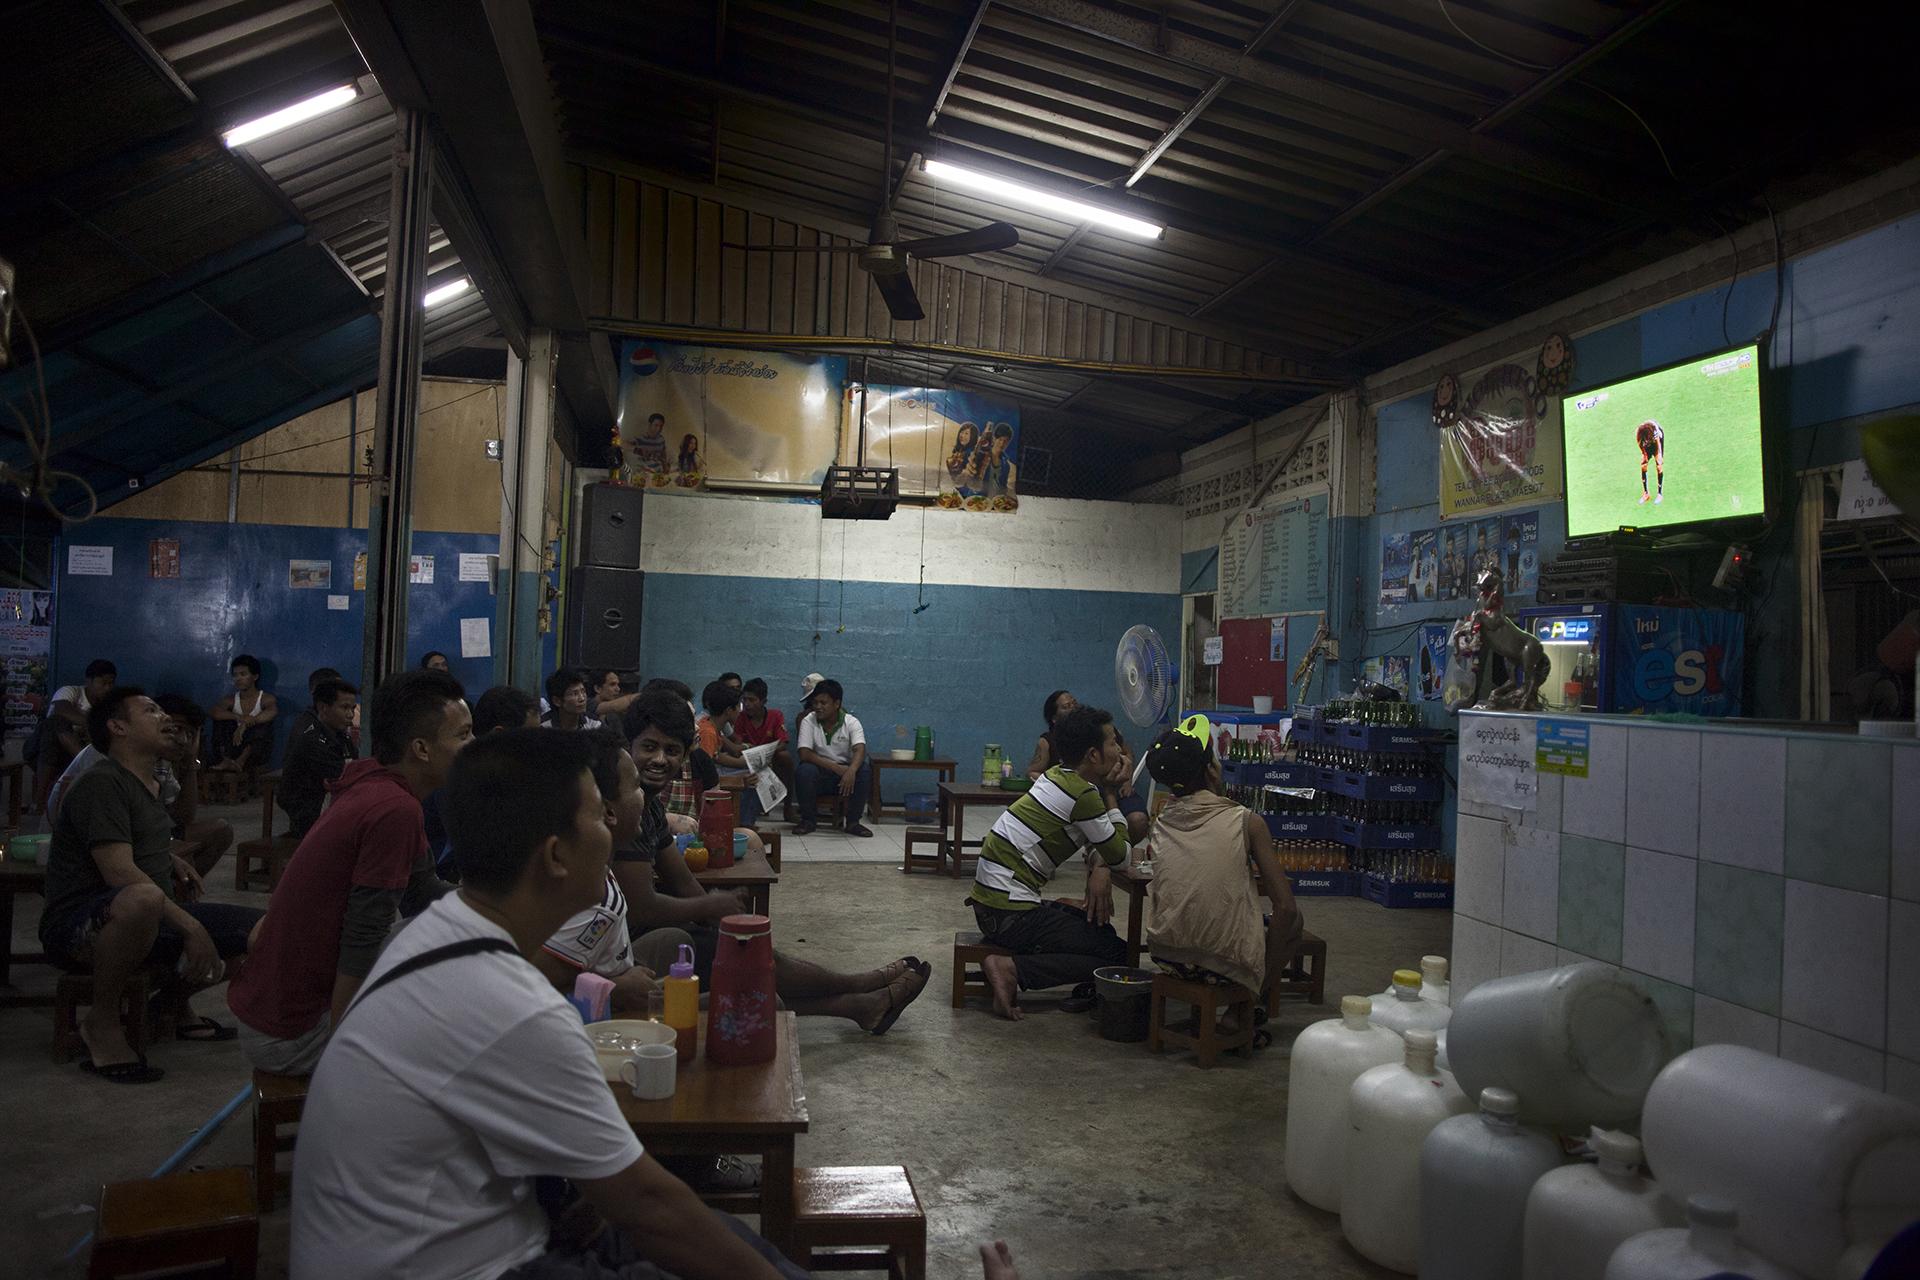 Soir de match au «Pho Too» tea shop. Ce café, l'un des plus grands de la ville est un lieu exclusivement birman. Les tea shops sont des lieux de socialisation importants pour la communauté. Mae Sot, Thaïlande, novembre 2014